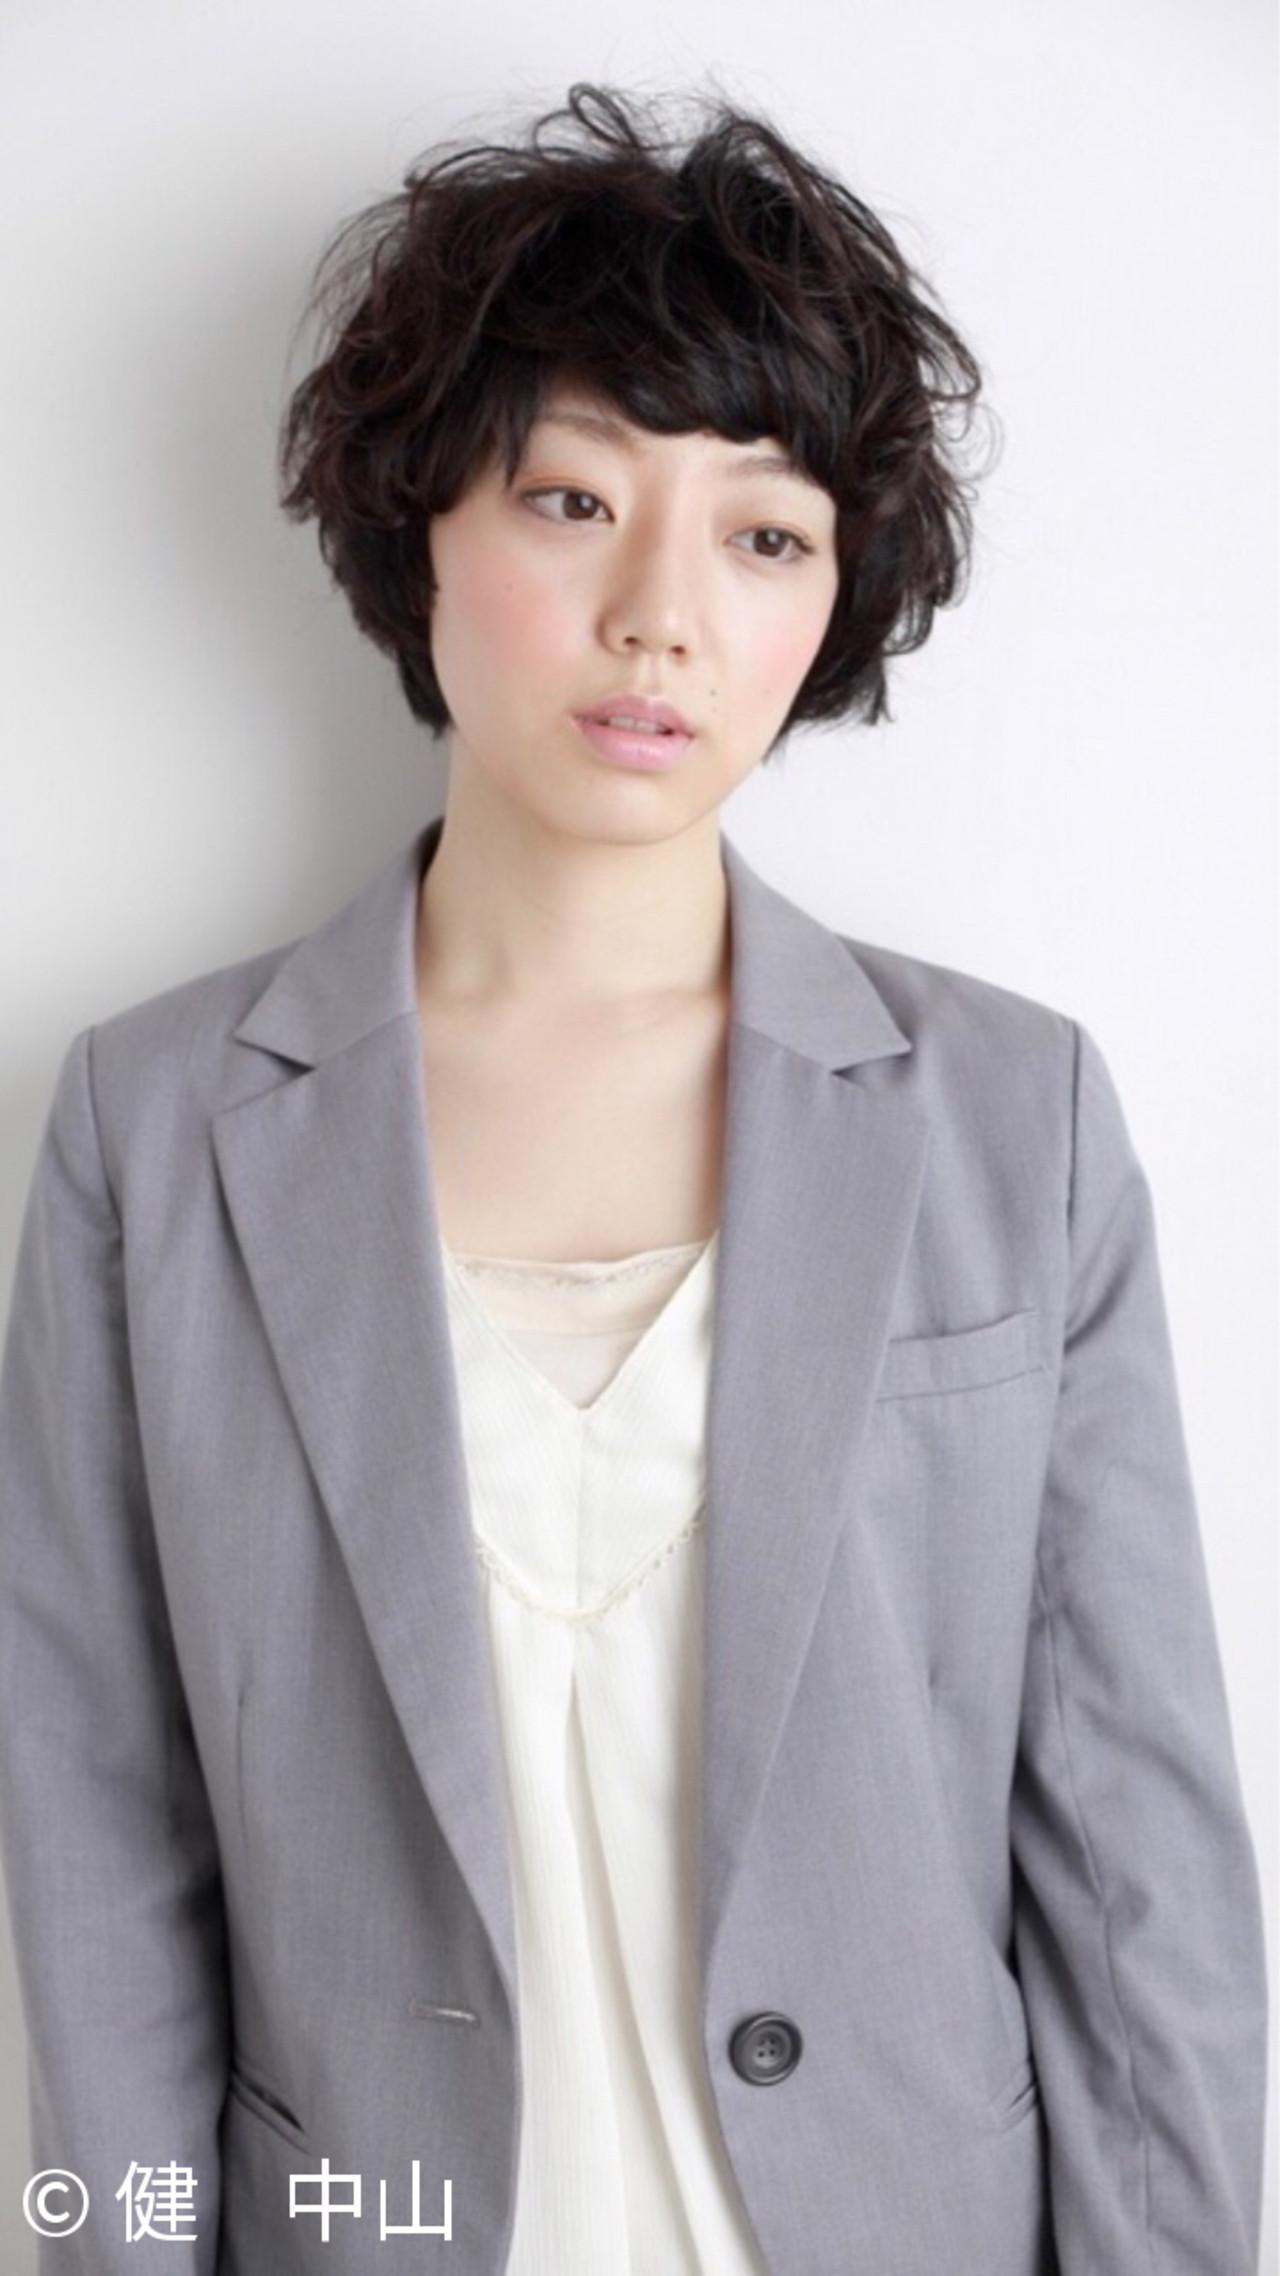 黒髪×ウェーブボブはこなれ感たっぷり 健 中山 | sora